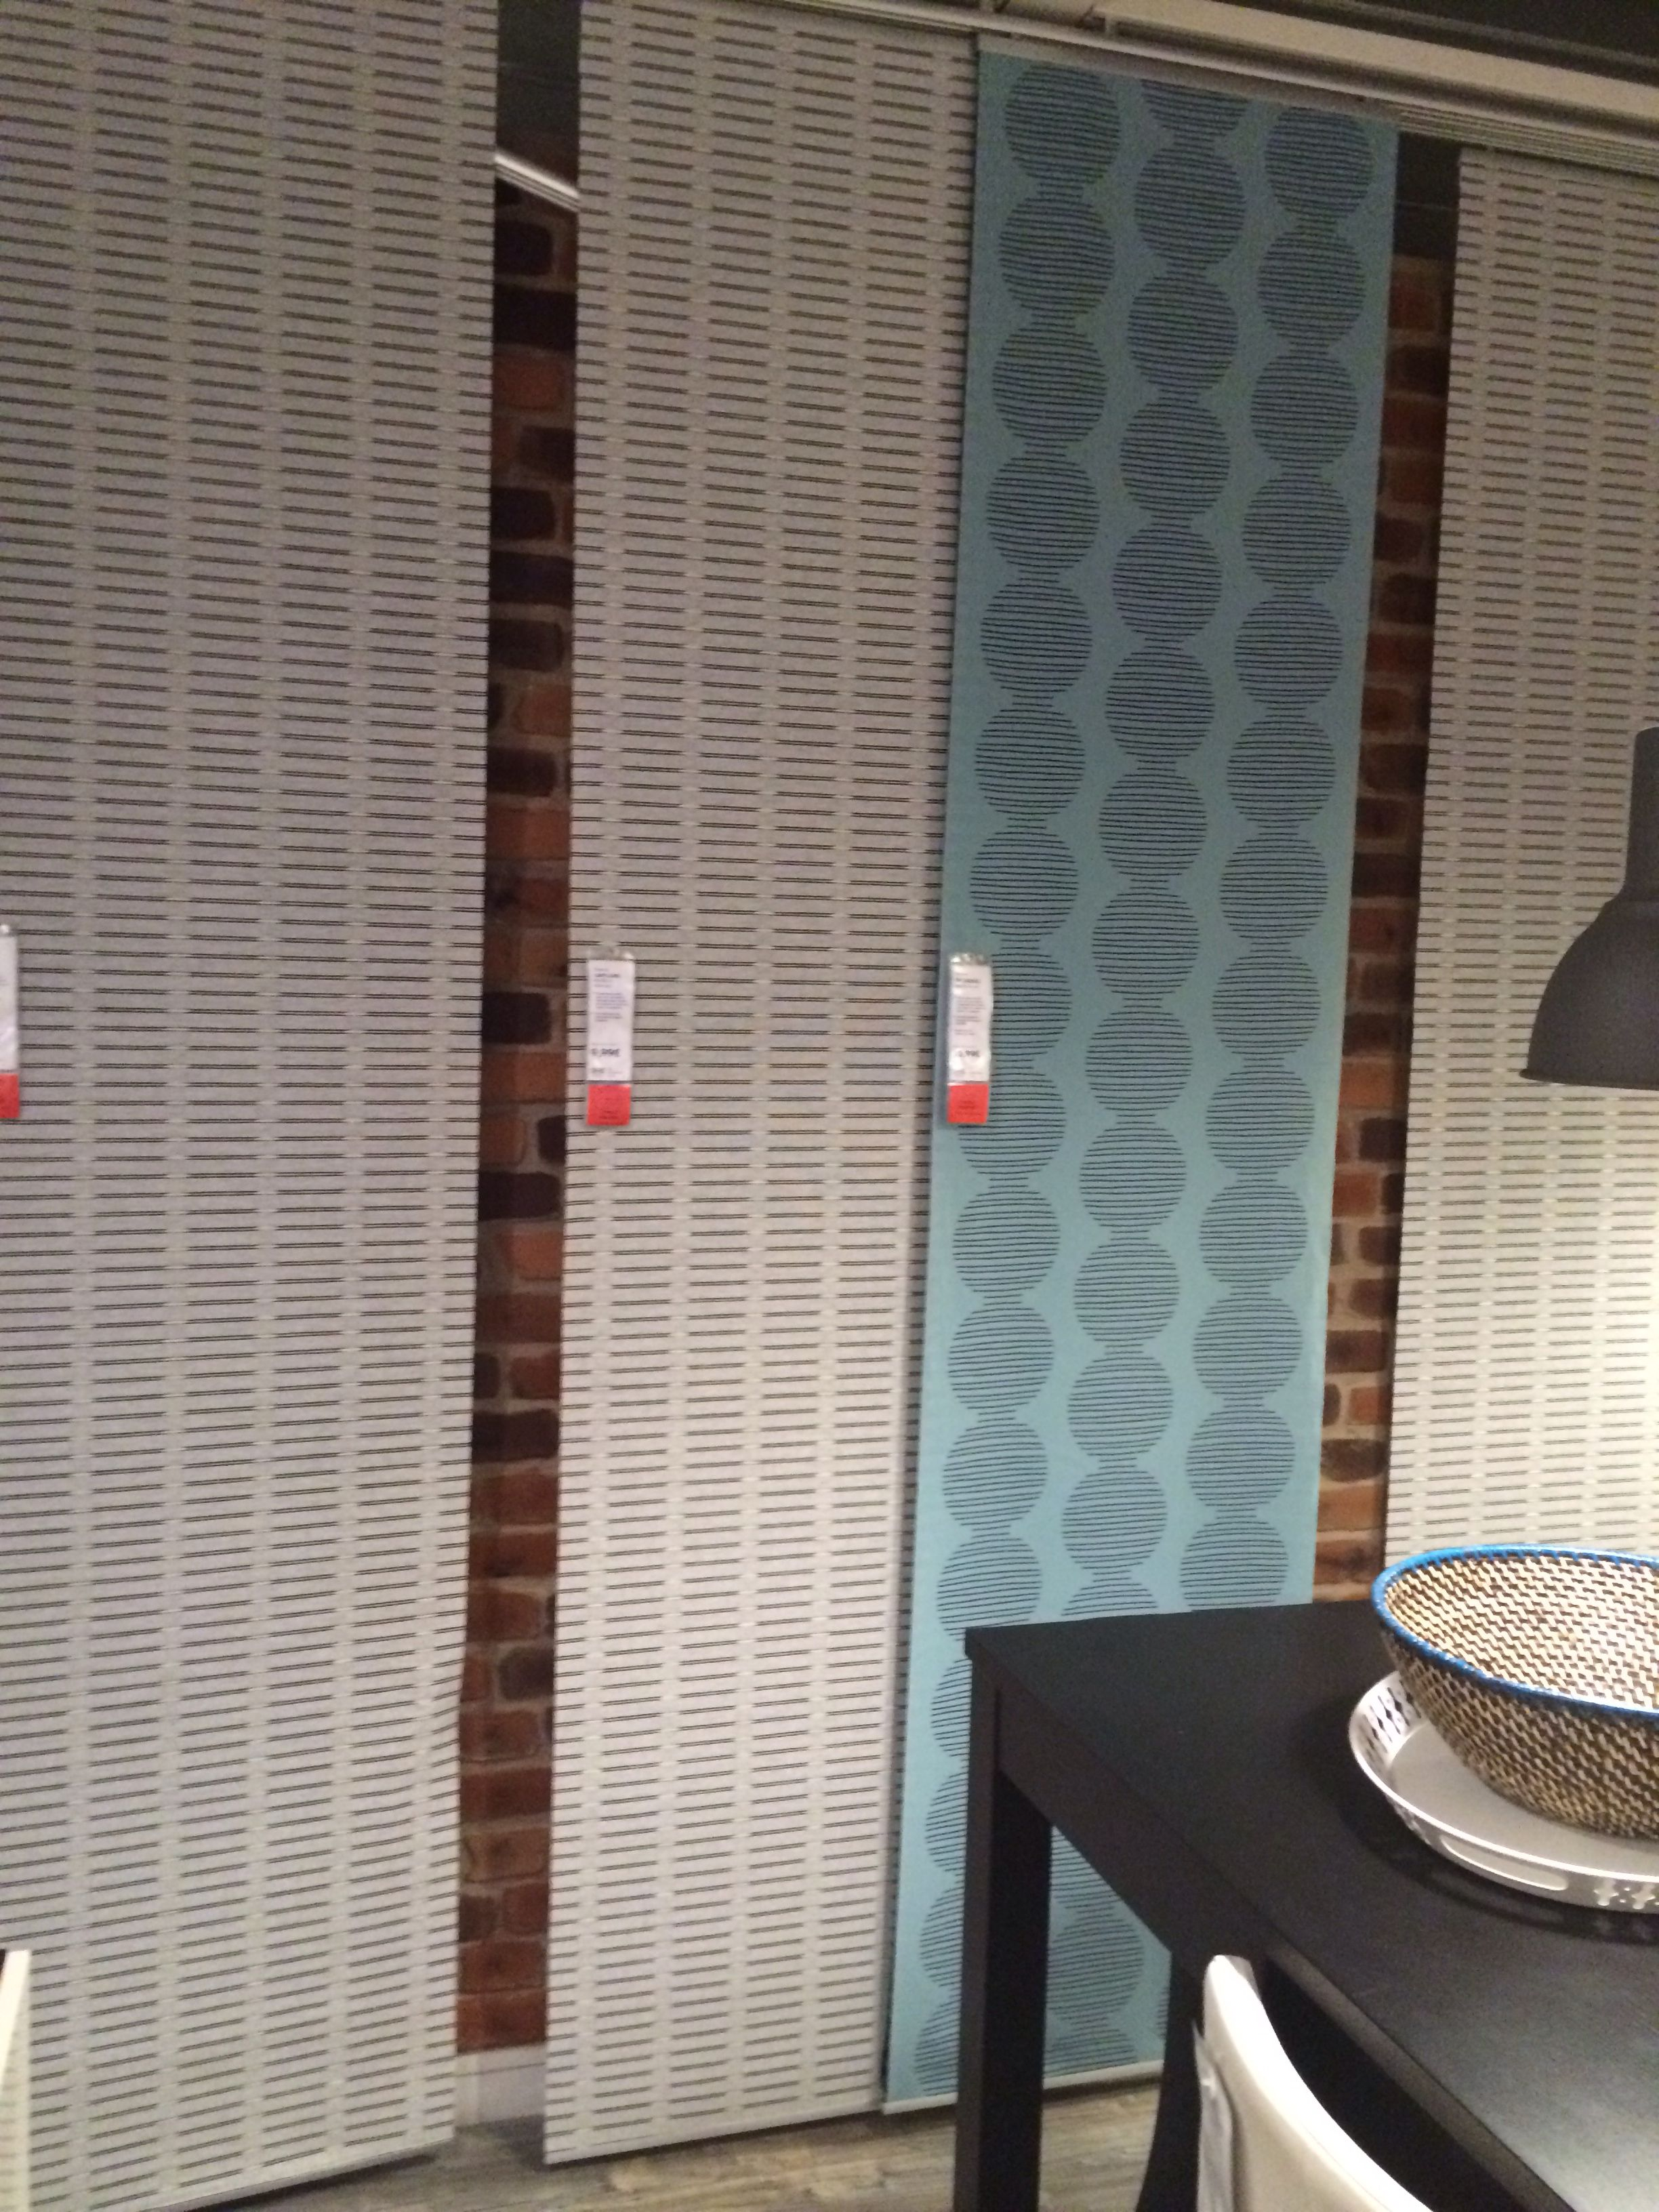 panneaux japonais ikea panneau japonais pinterest panneau japonais panneau et ikea. Black Bedroom Furniture Sets. Home Design Ideas